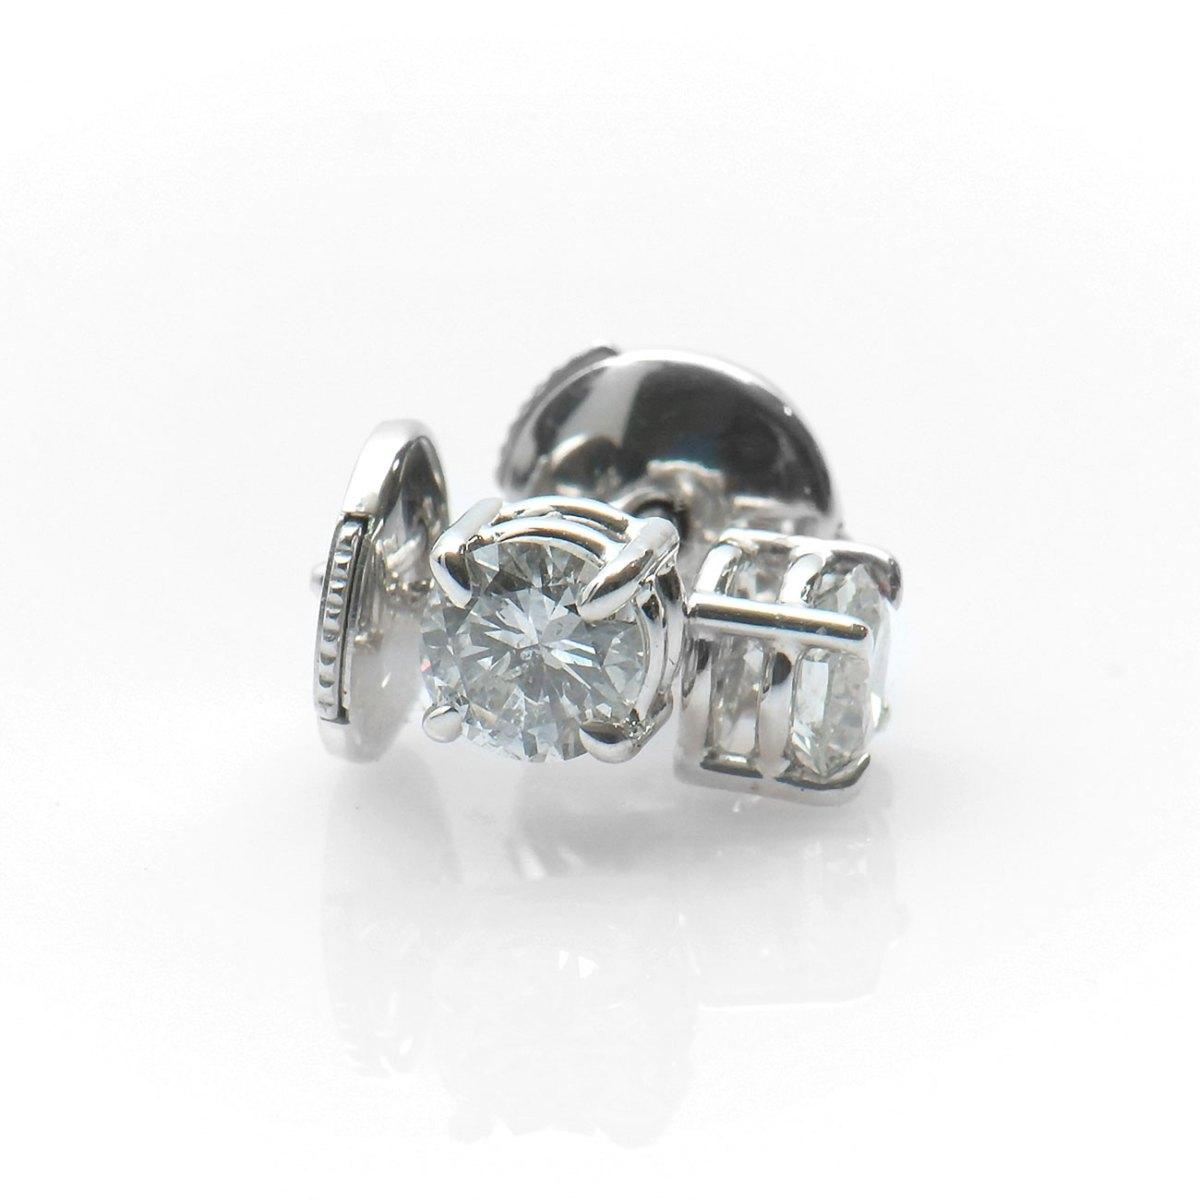 Clous d'oreilles diamants solitaires 0,50ct, serti griffes sur or blanc 750‰ |Réf. BR-A551 | EVENOR Joaillerie • Bijoux neufs • Bijoux Vintage et d'occasion